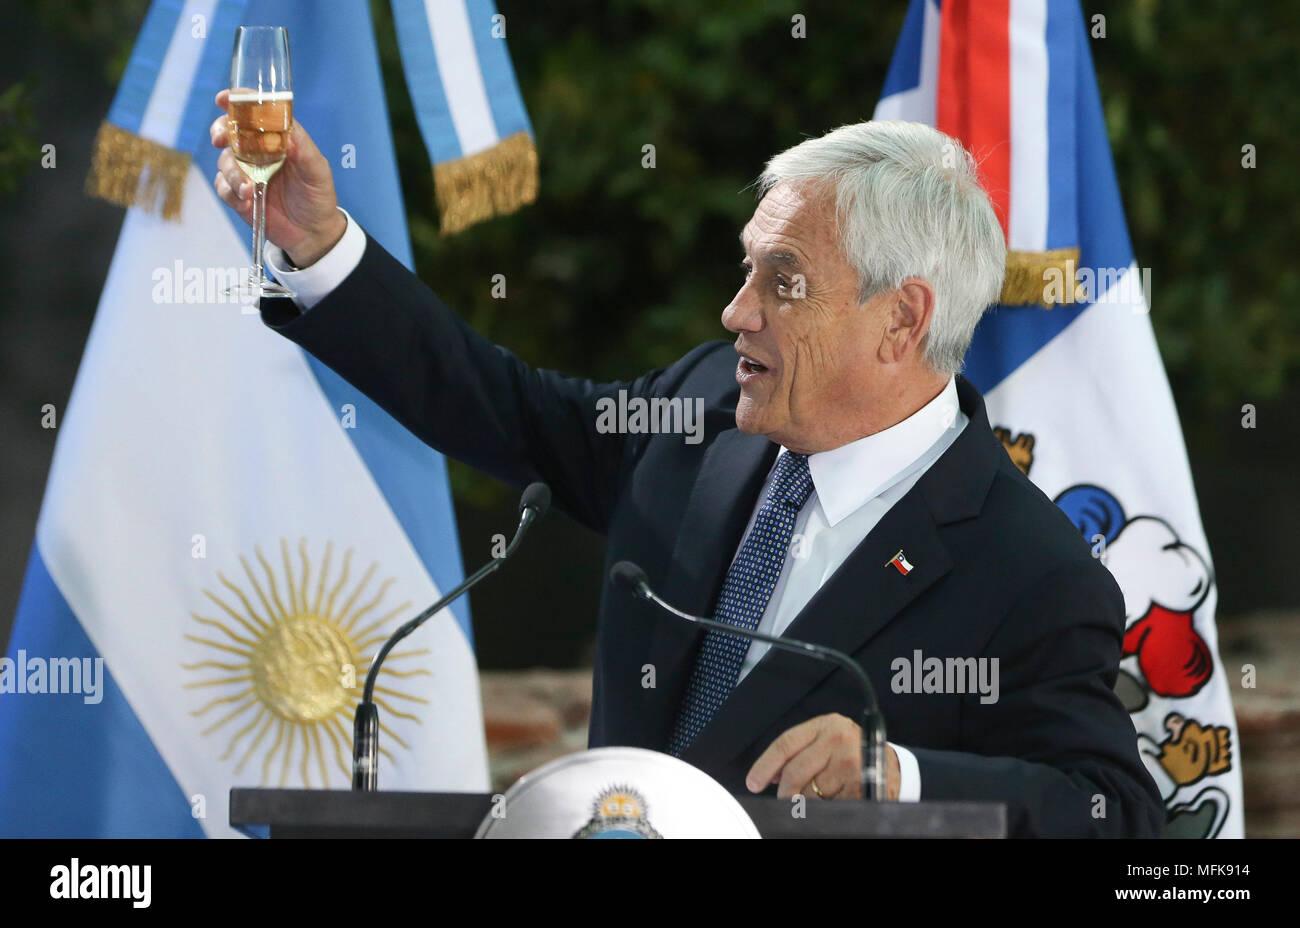 La Ciudad de Buenos Aires, Argentina. 26 abr, 2018. El presidente ...